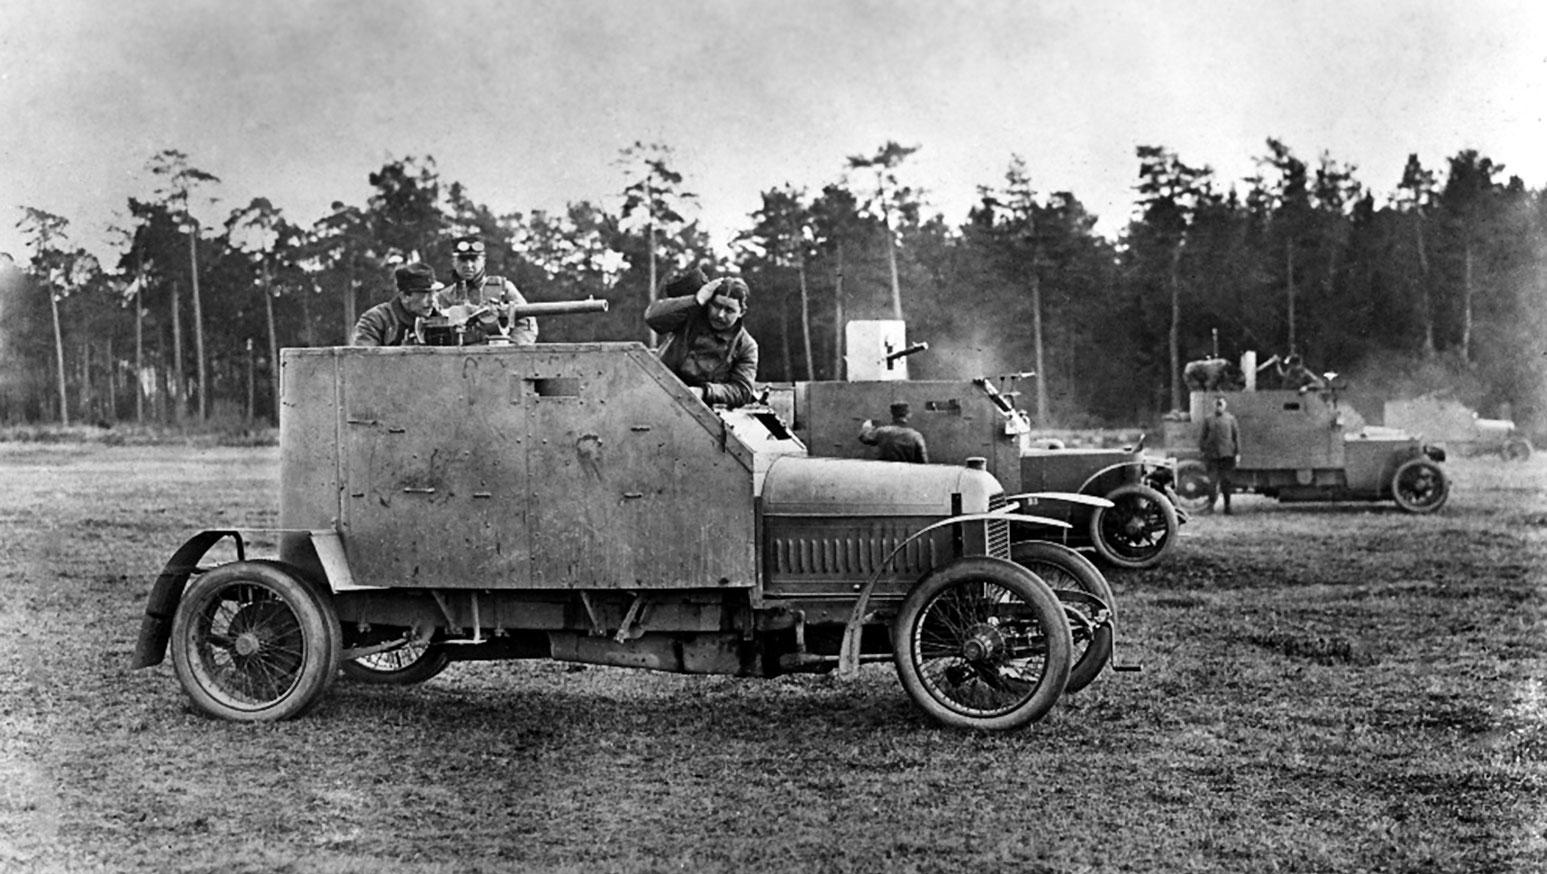 Francja, rok 1914 lub 1915. Ciężarowy Peugeot dostał już pancerną nadbudówkę, ale przedział silnikowy niejest jeszcze opancerzony.